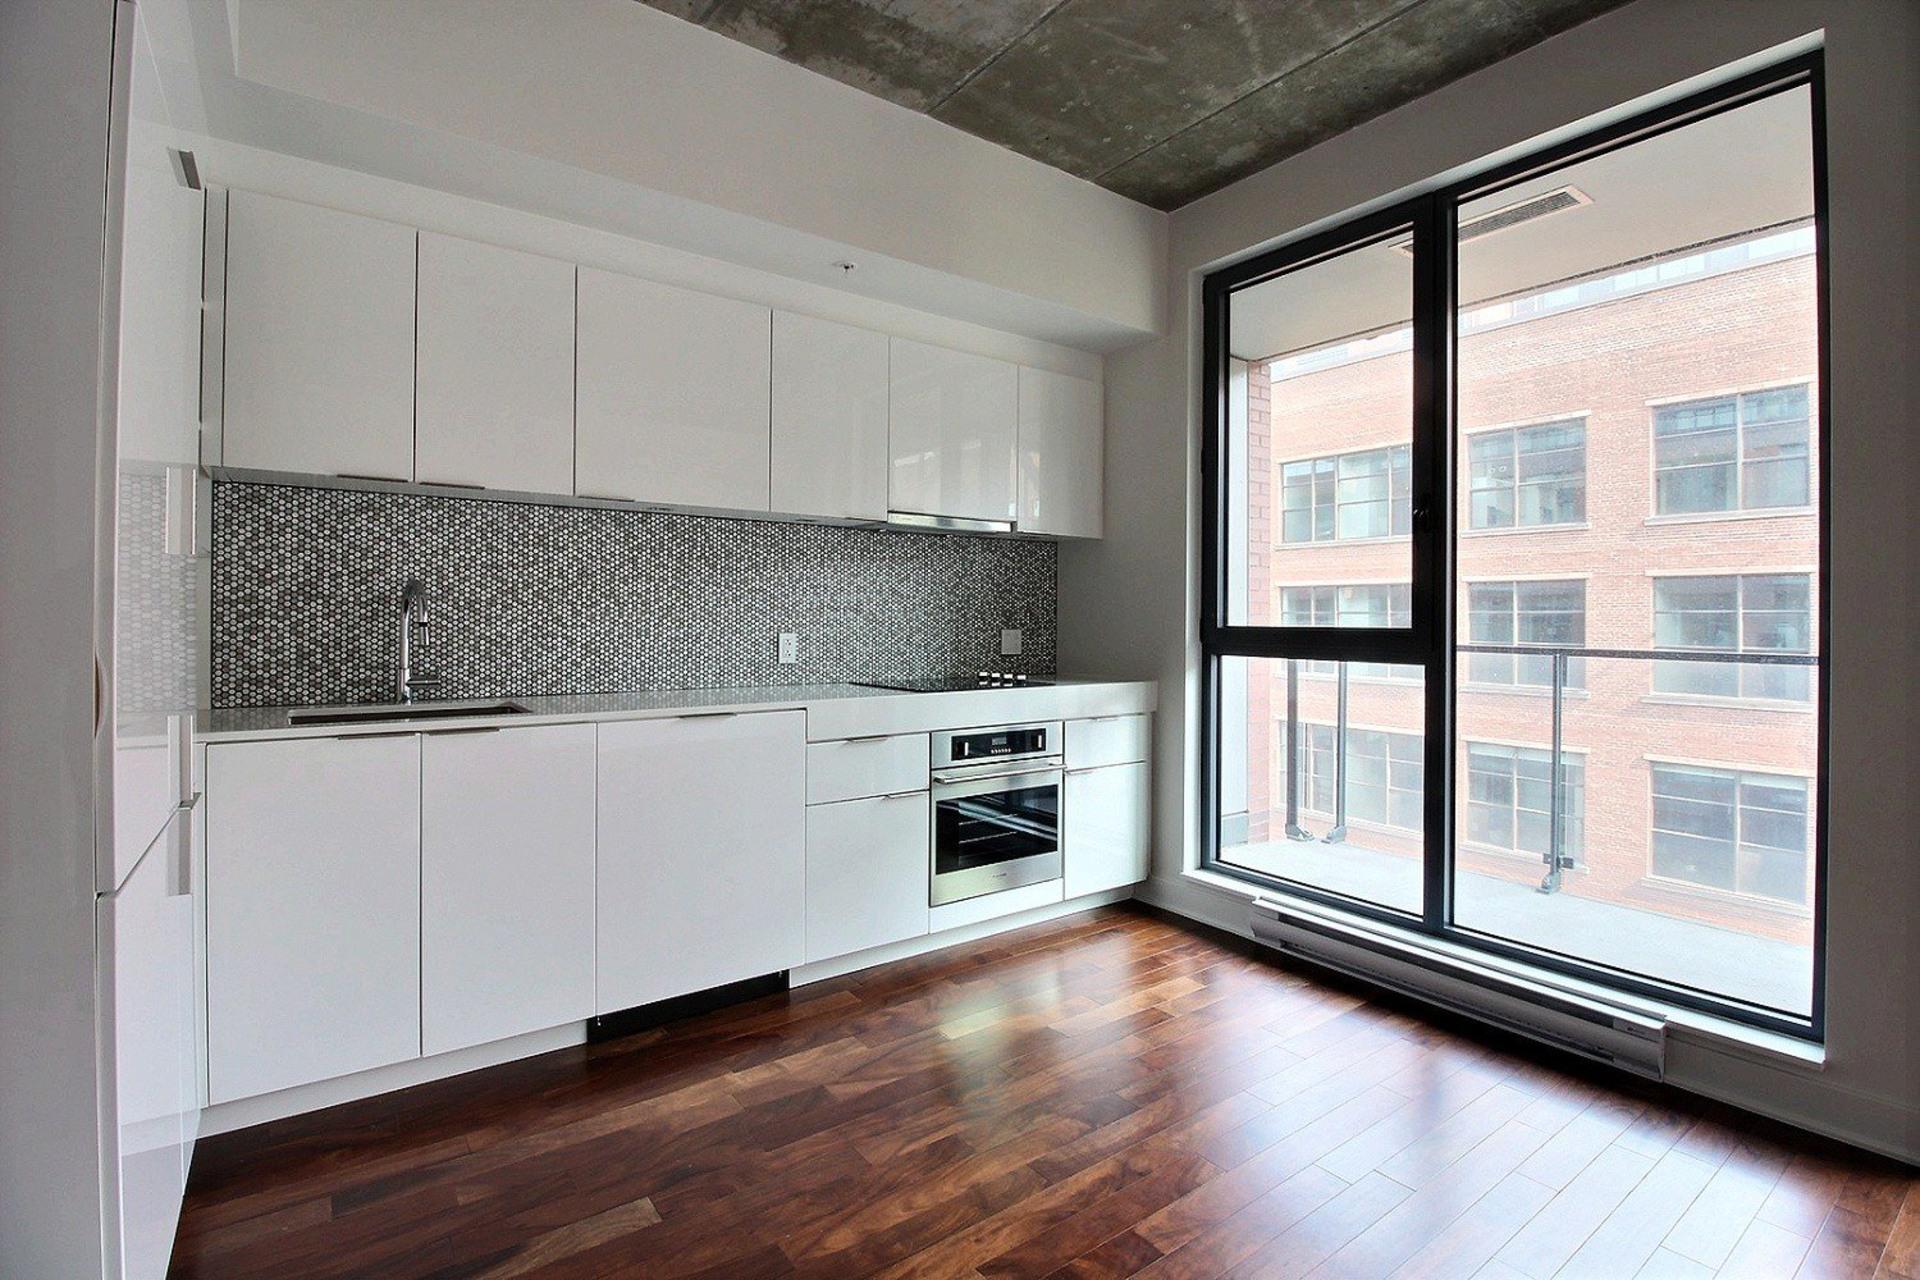 image 4 - Apartment For rent Montréal Le Sud-Ouest  - 5 rooms